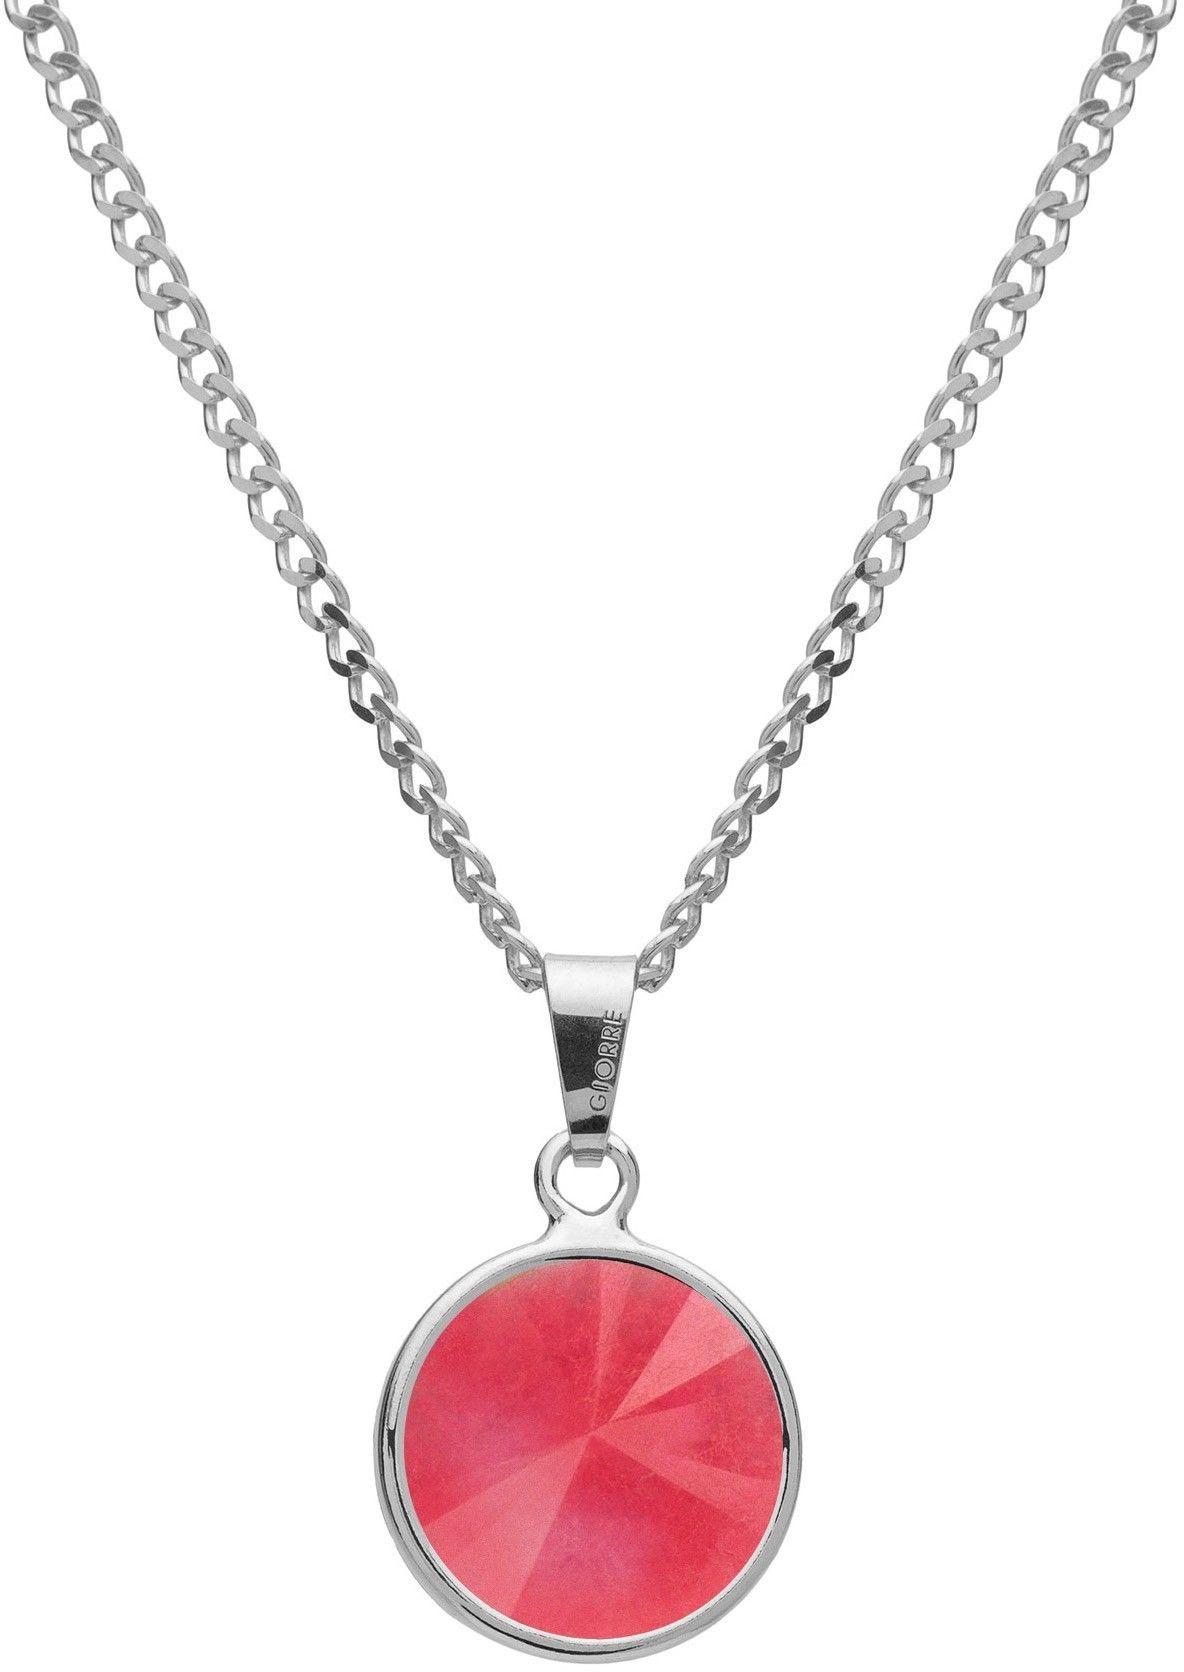 Srebrny naszyjnik z naturalnym kamieniem - jadeit, srebro 925 : Długość (cm) - 40 + 5 , Kamienie naturalne - kolor - jadeit różowy, Srebro - kolor pokrycia - Pokrycie platyną